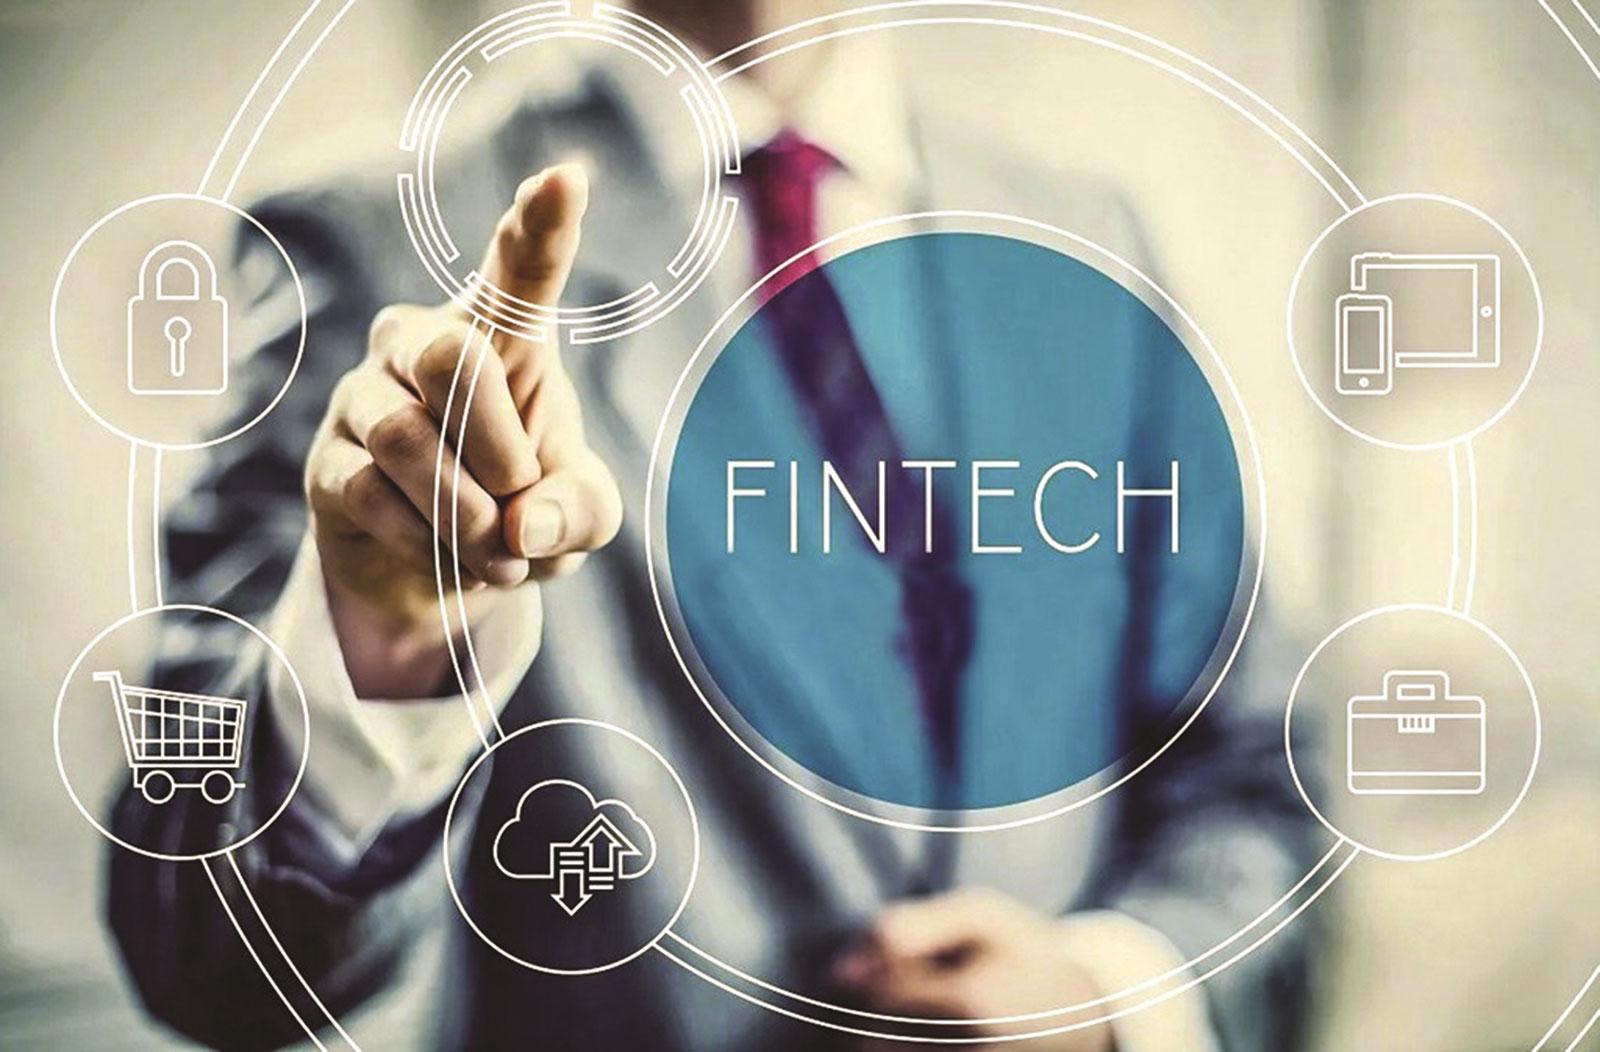 Thông qua đề nghị xây dựng Nghị định Cơ chế thử nghiệm cho Fintech